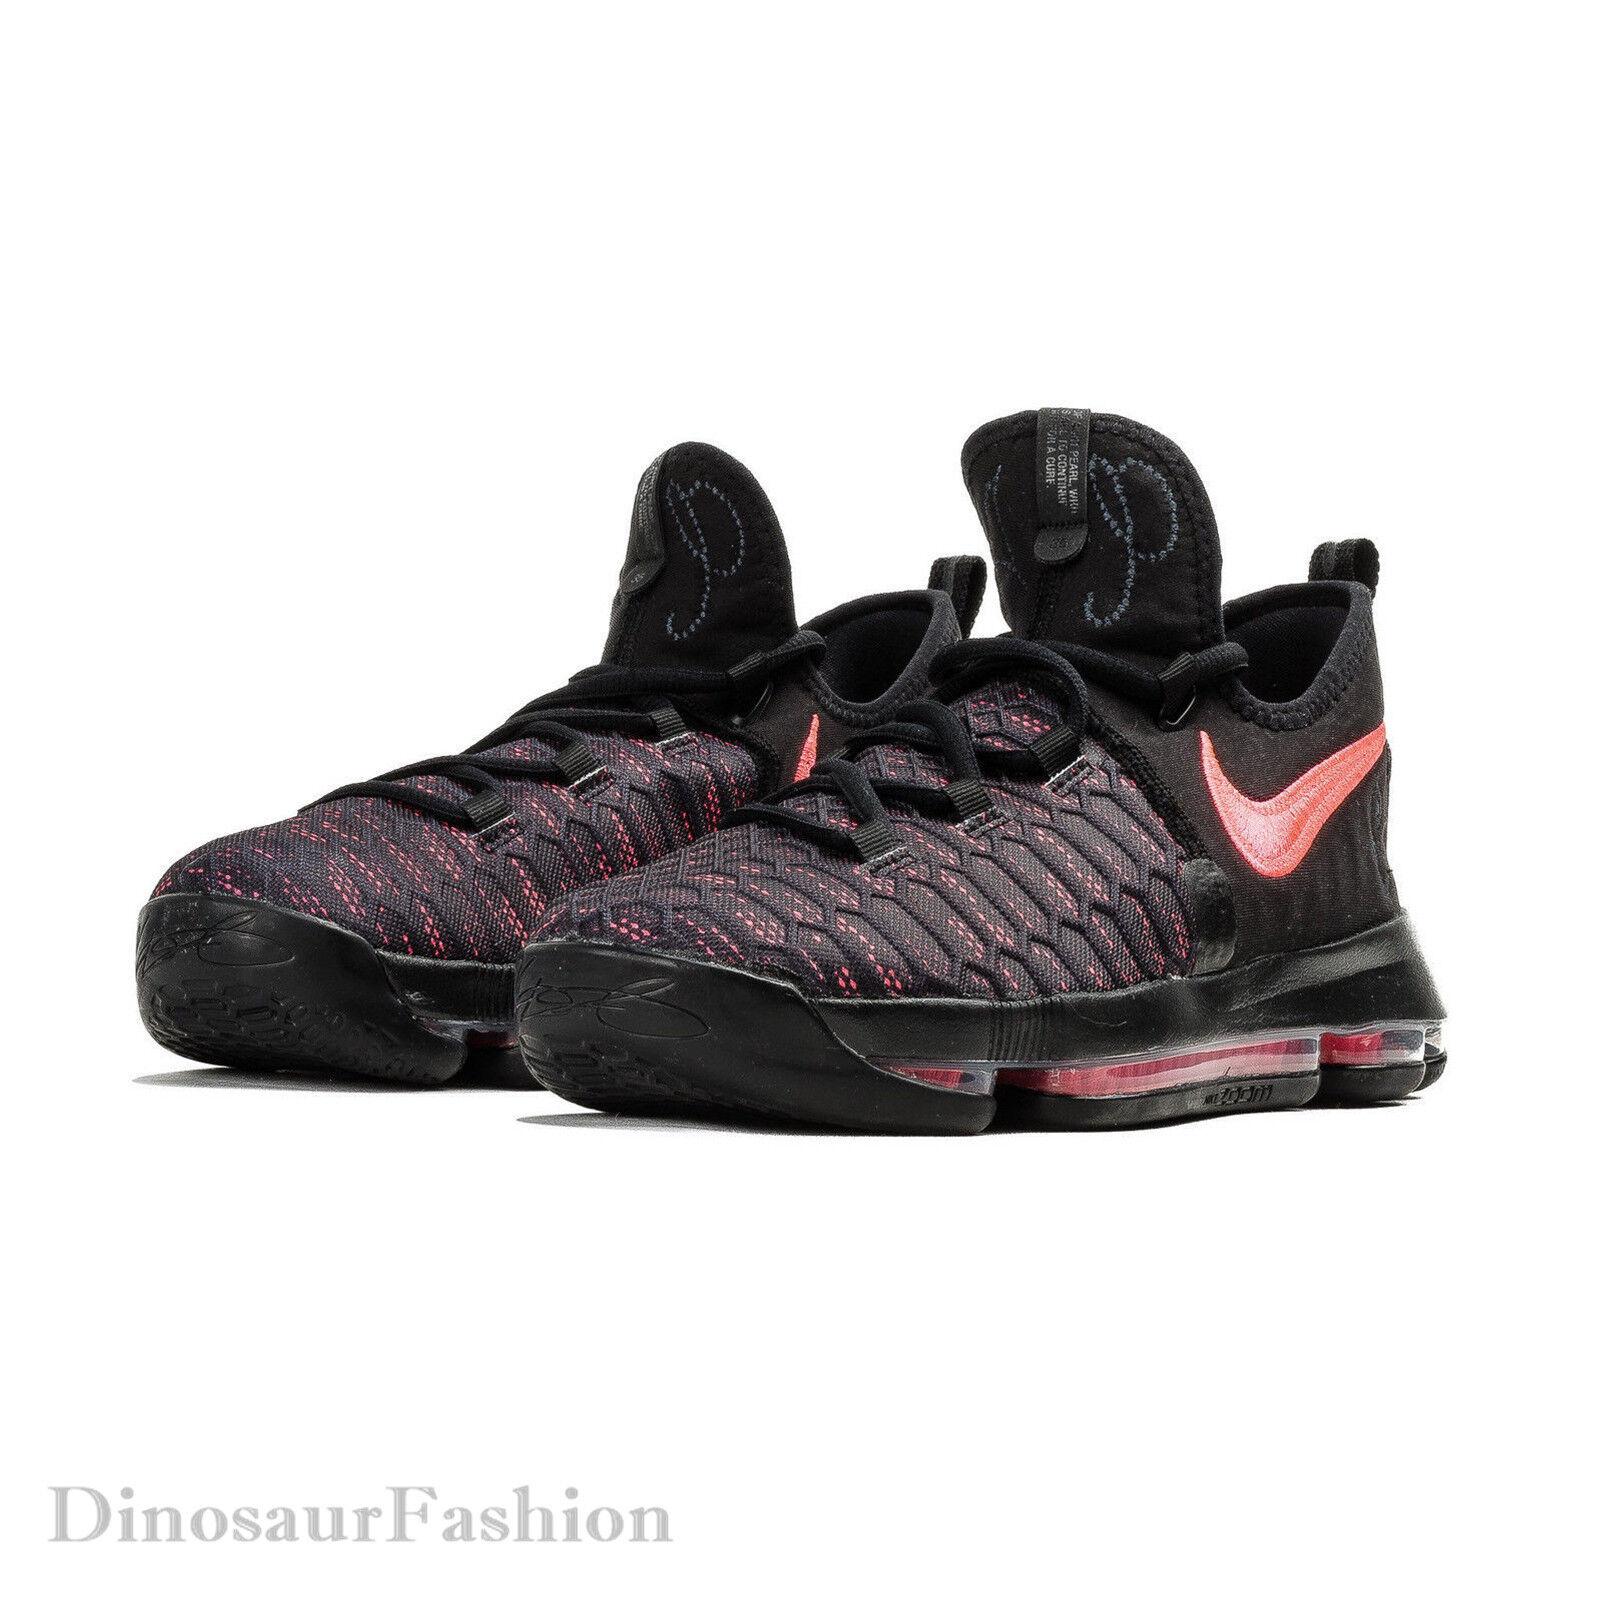 Nike zoom kd9 ridotta (gs) (869999-060) gioventù baskettball scarpe, di nuovo nella scatola originale